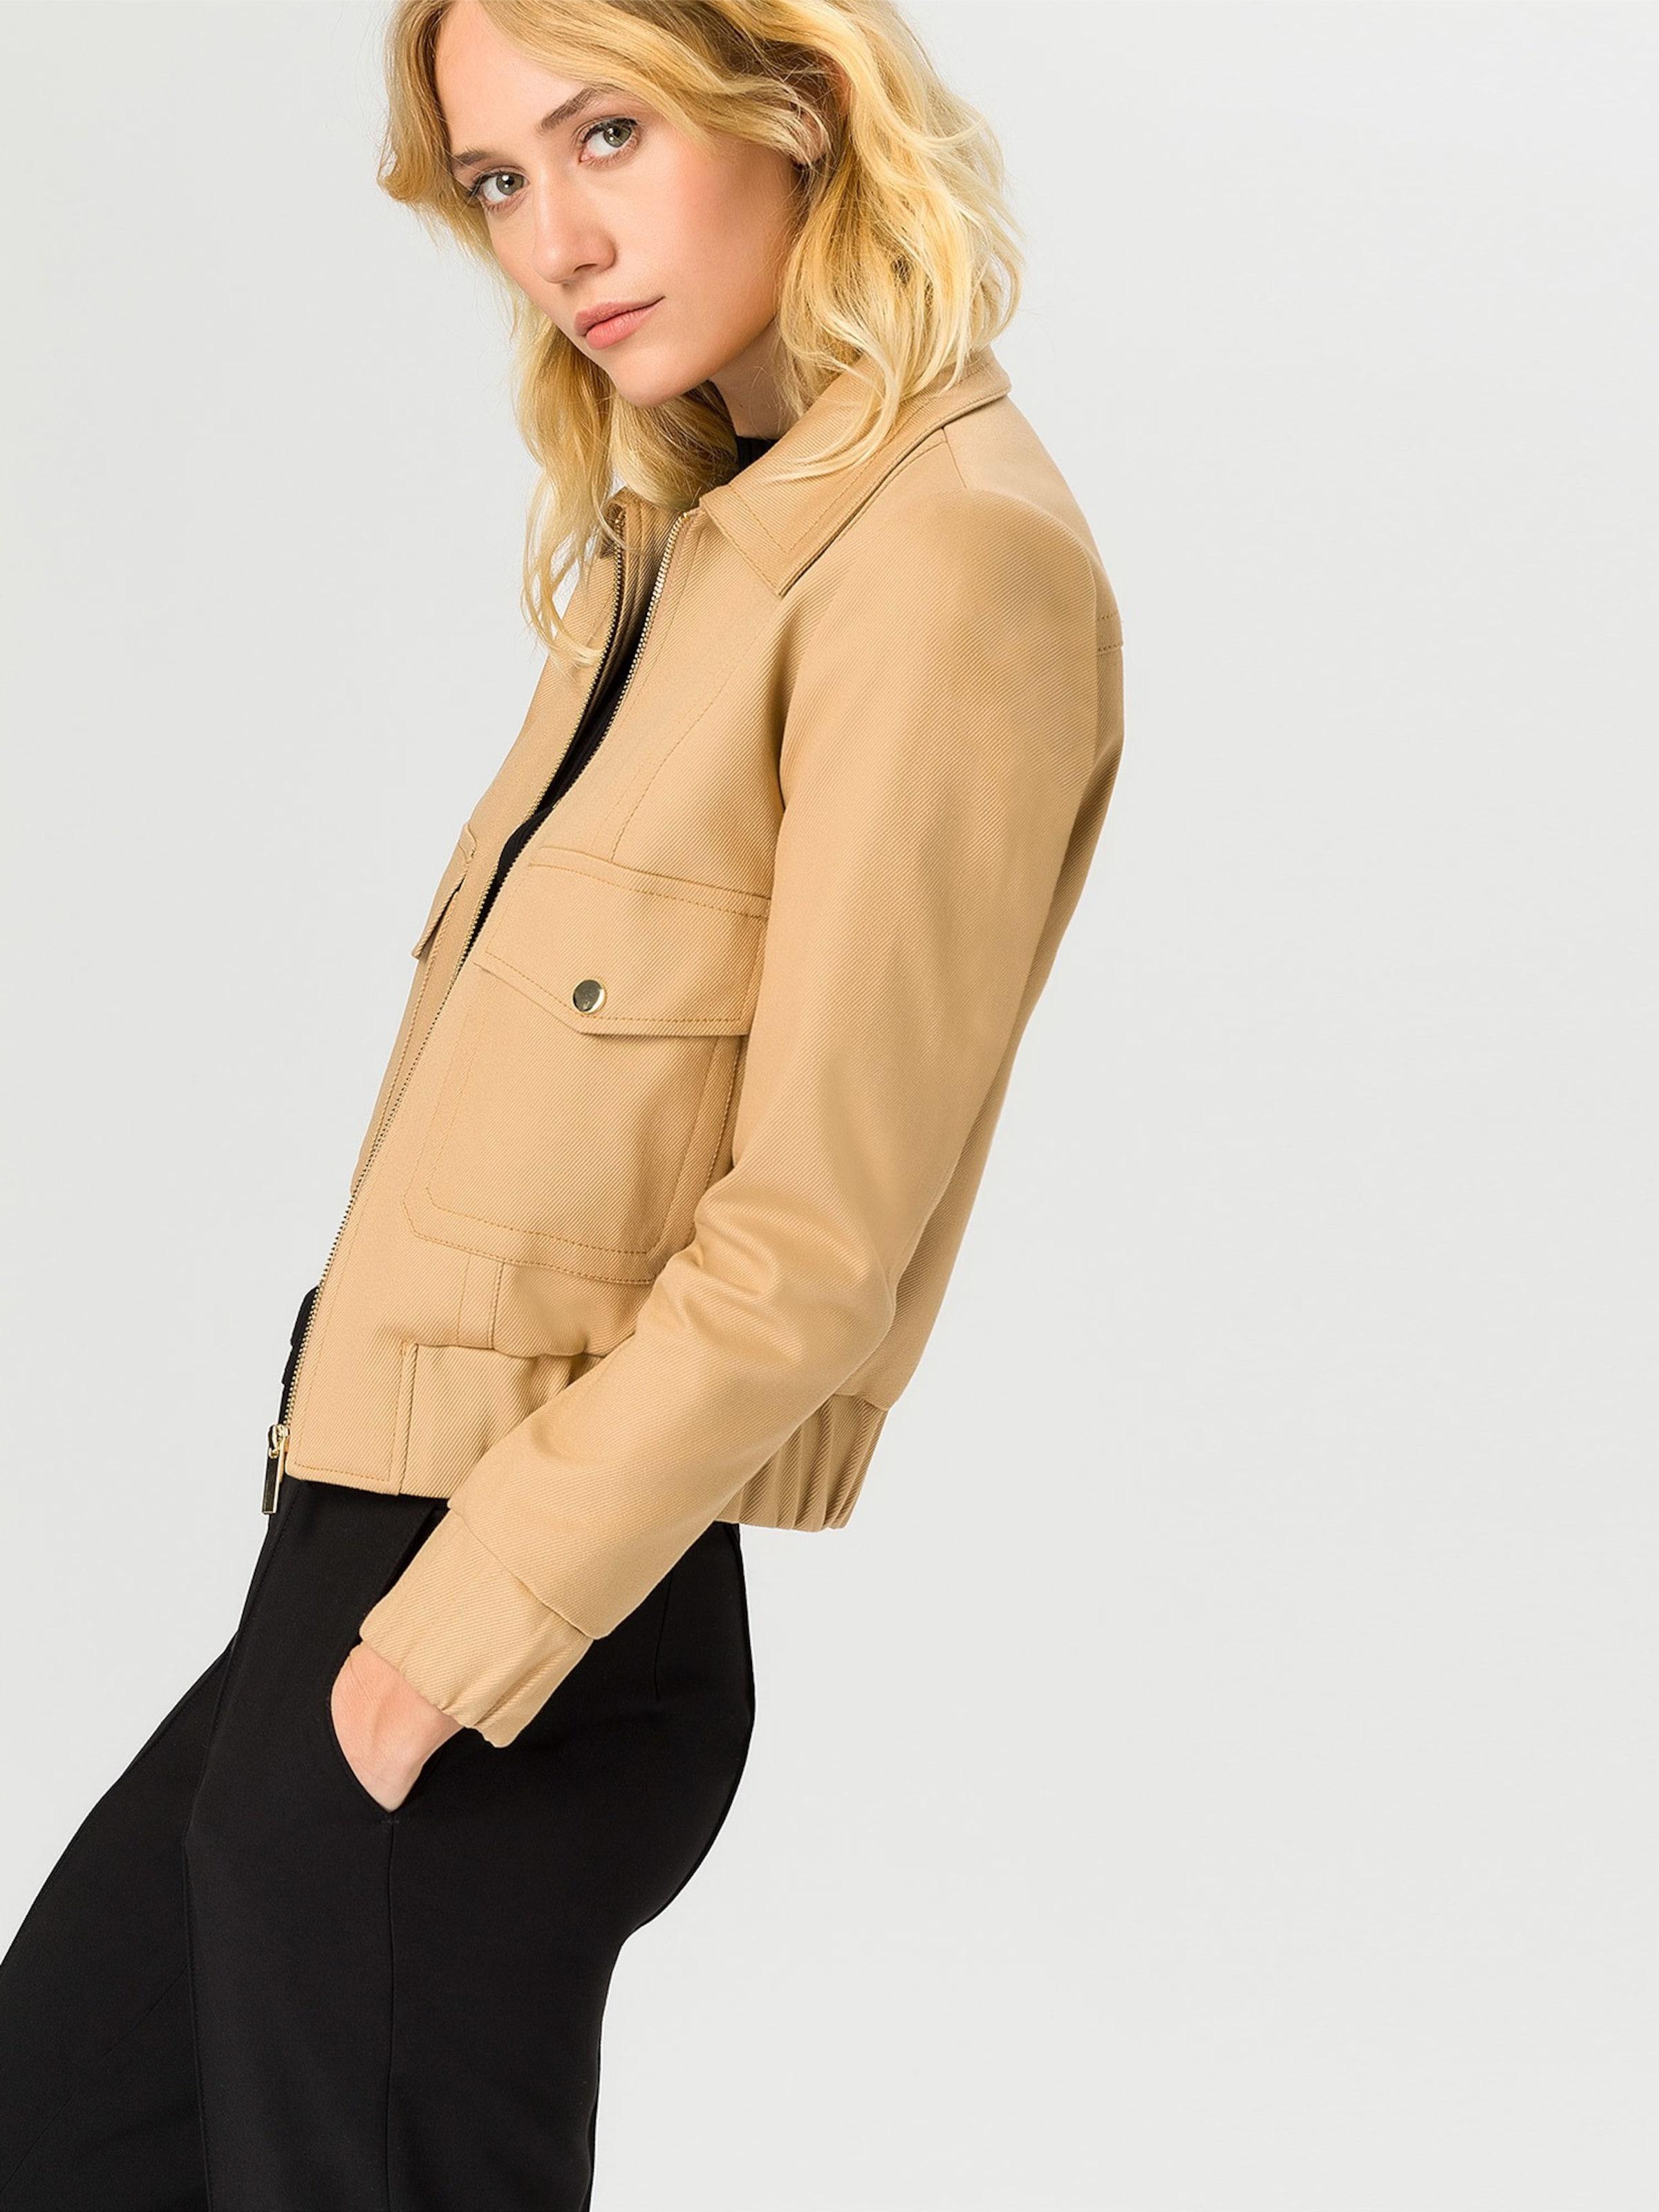 Spielraum In Mode Günstig Kaufen Angebot IVY & OAK Cropped Jacket DaE1y